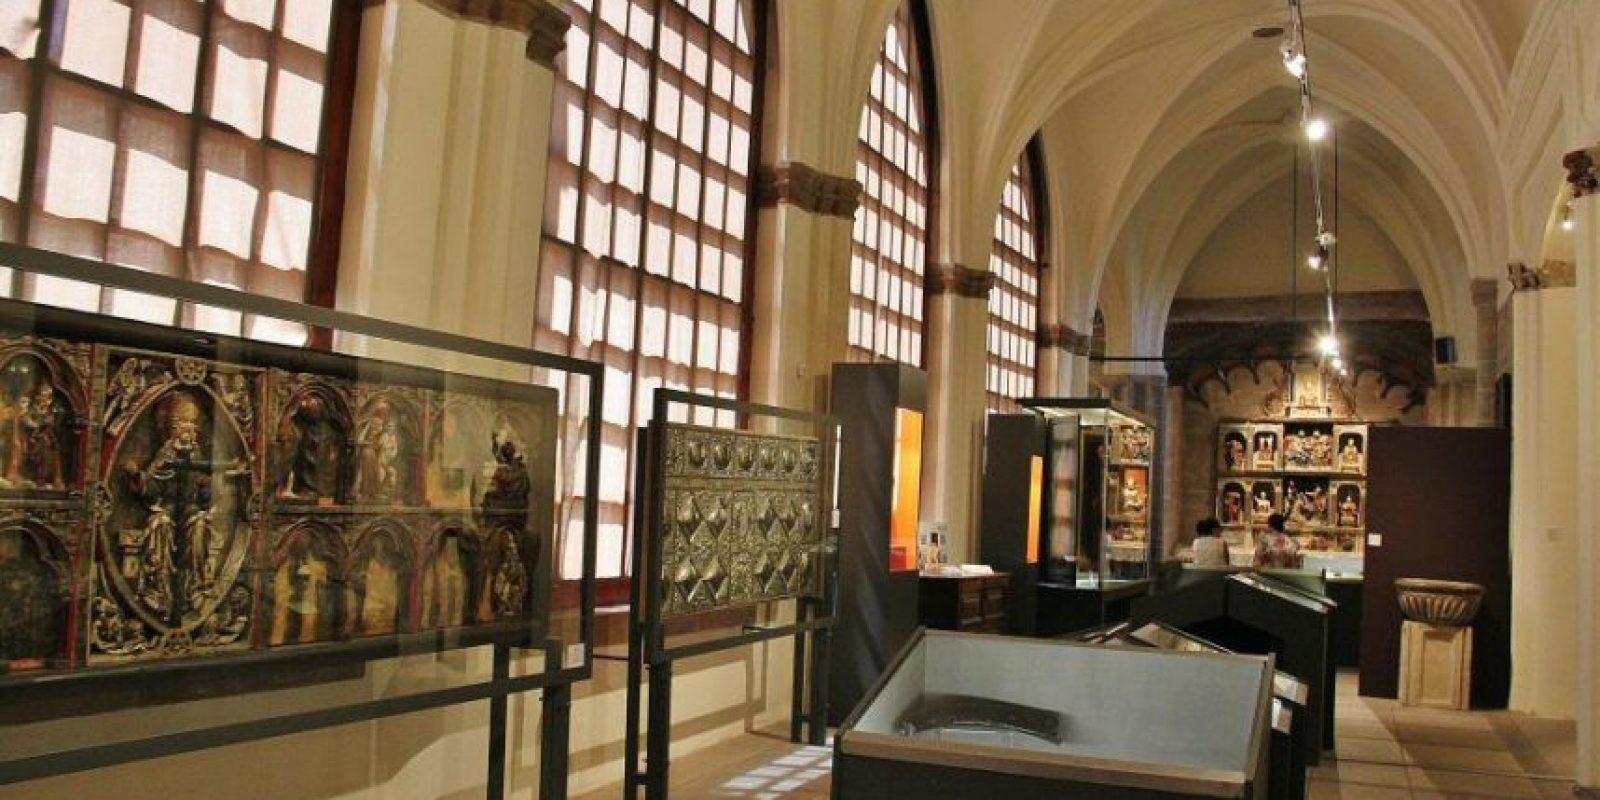 Museo de la Catedral. Está ubicado en la calle Isabela La Católica, justo al lado del antiguo Palacio de Borguella en el edifico de la Real Cárcel. Fue inaugurado con motivo de los 500 años de la Catedral, un espacio donde exhiben pinturas, candelabros, crucifijos y otros objetos relativos a la historia de la Catedral Primada de América.